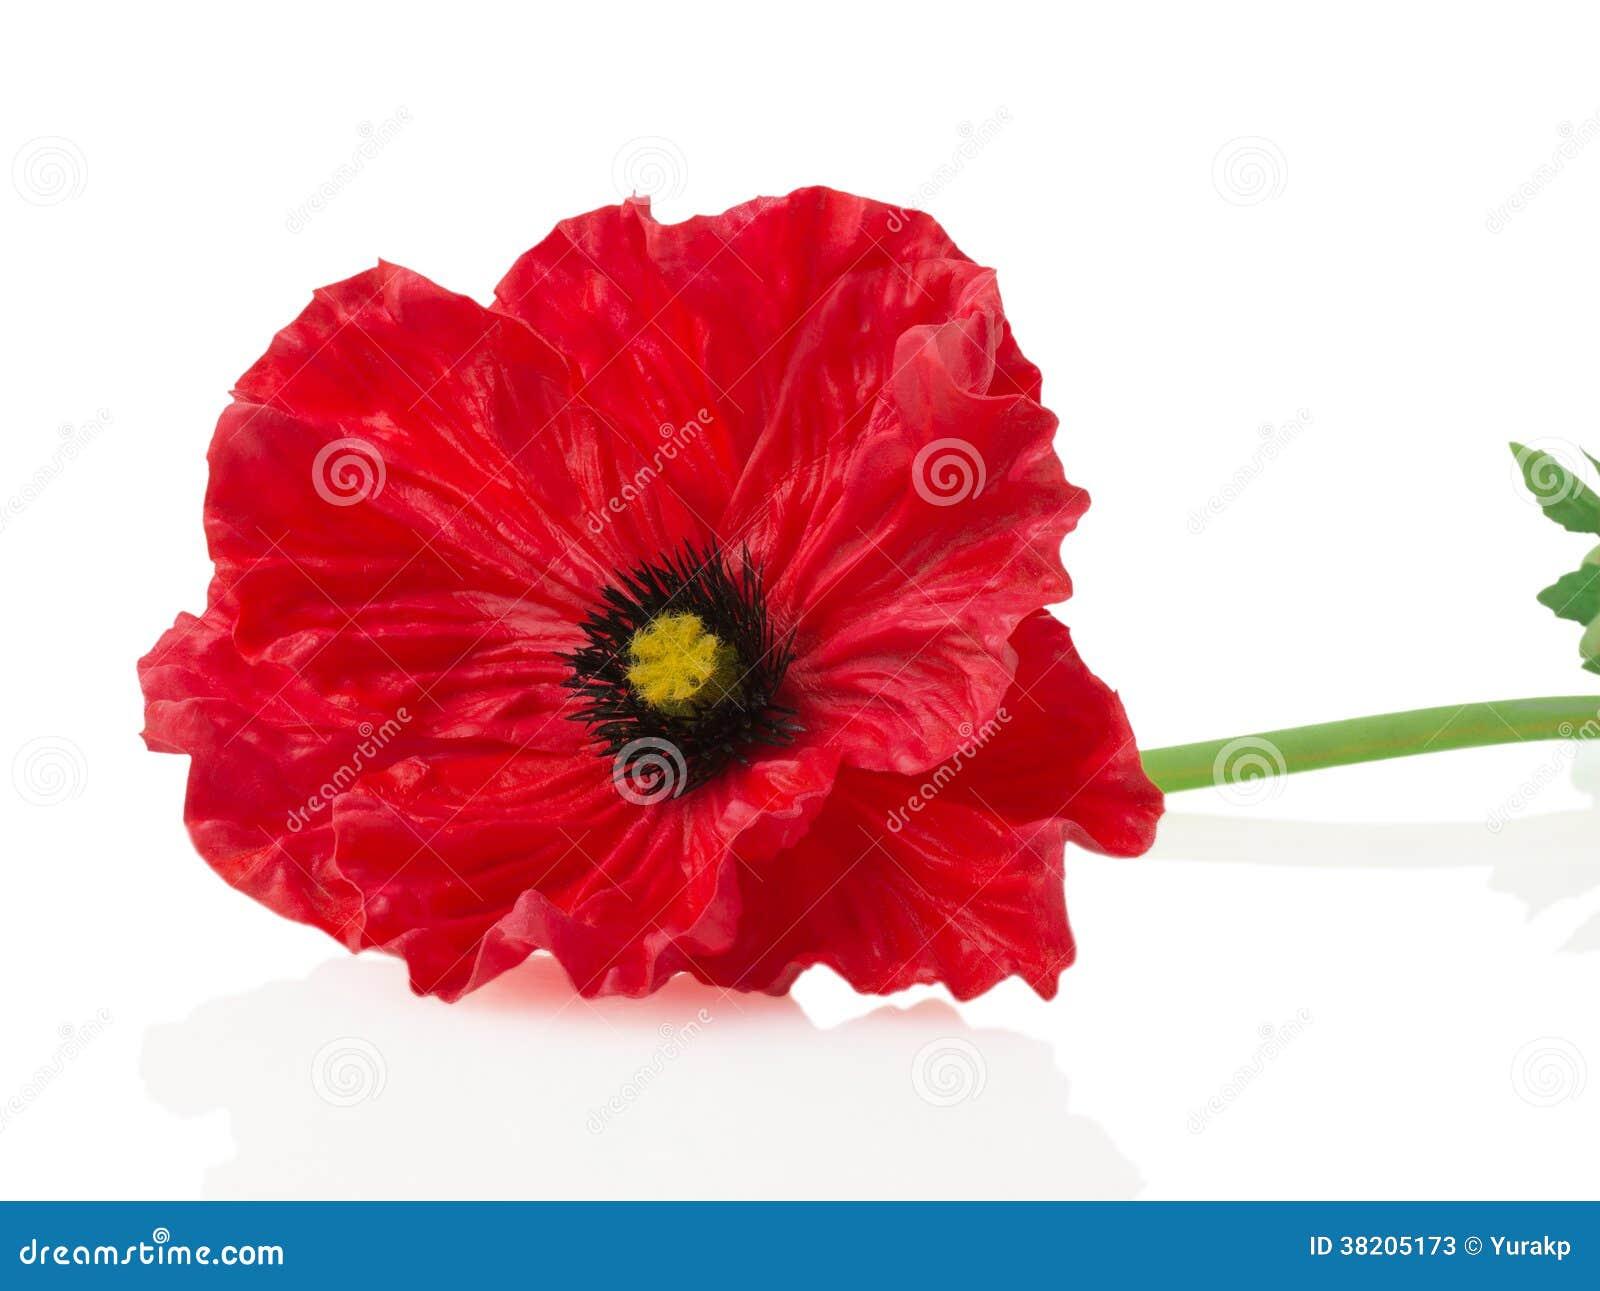 poppy red background - photo #10